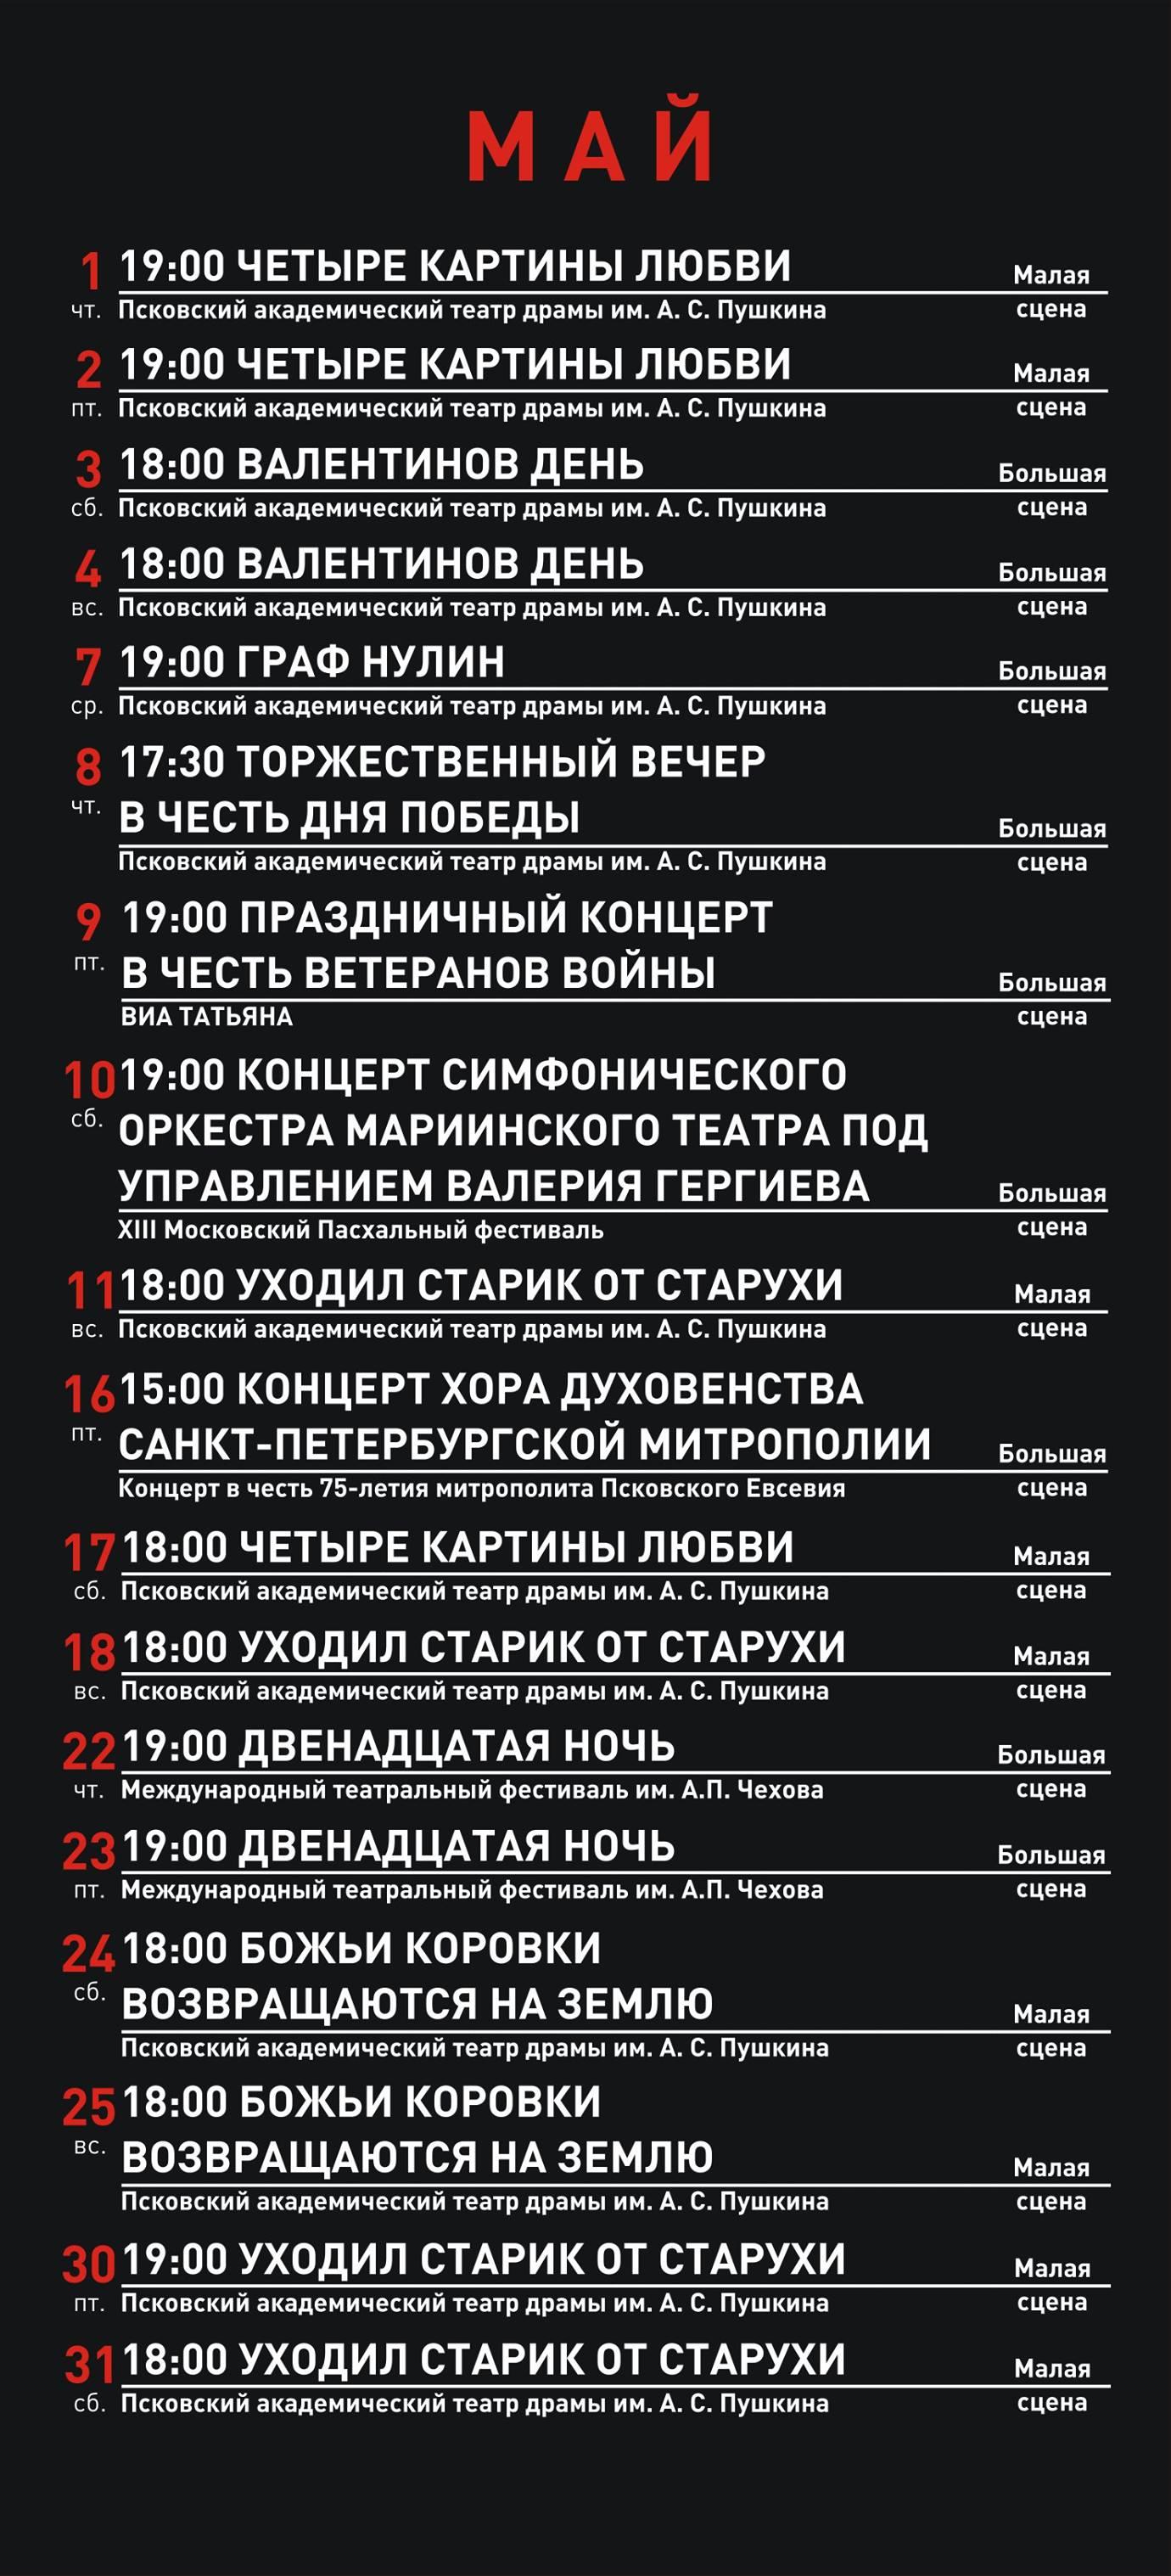 Афиша Псковского академического театра драмы на май 2014 года